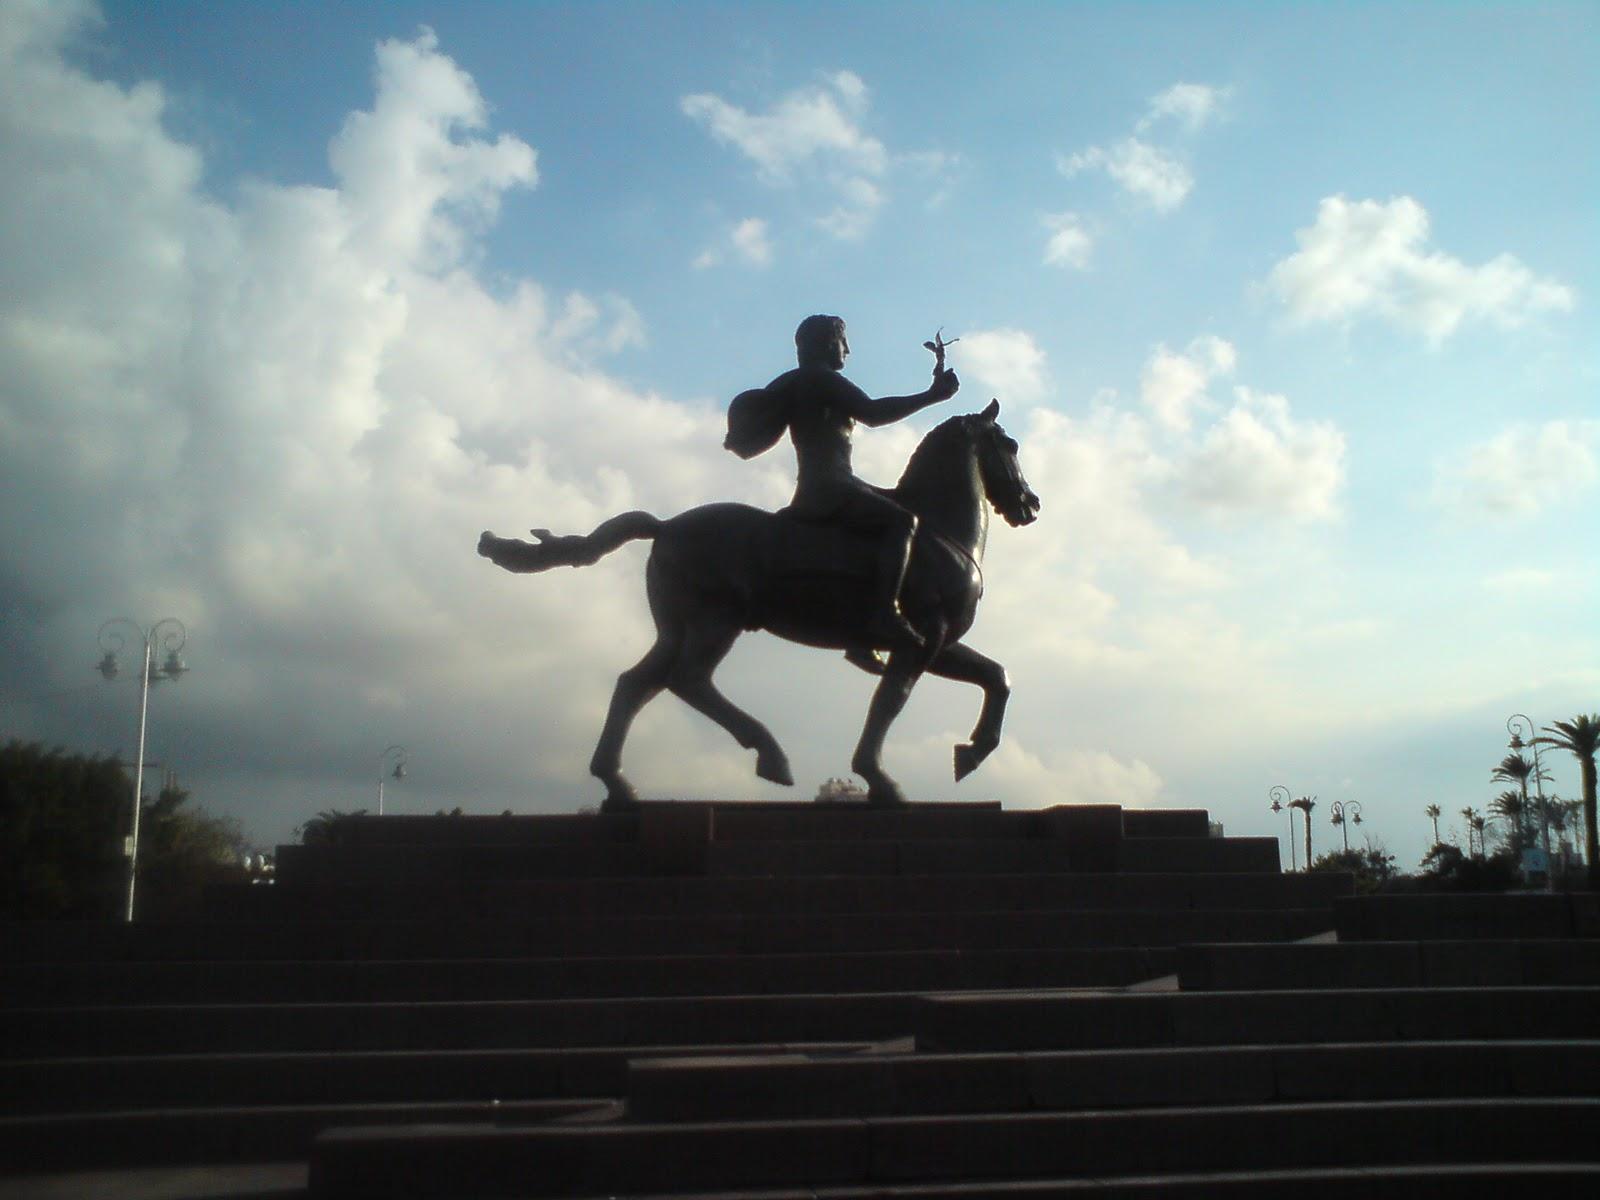 تمثال الاسكندر الاكبر - باب شرق